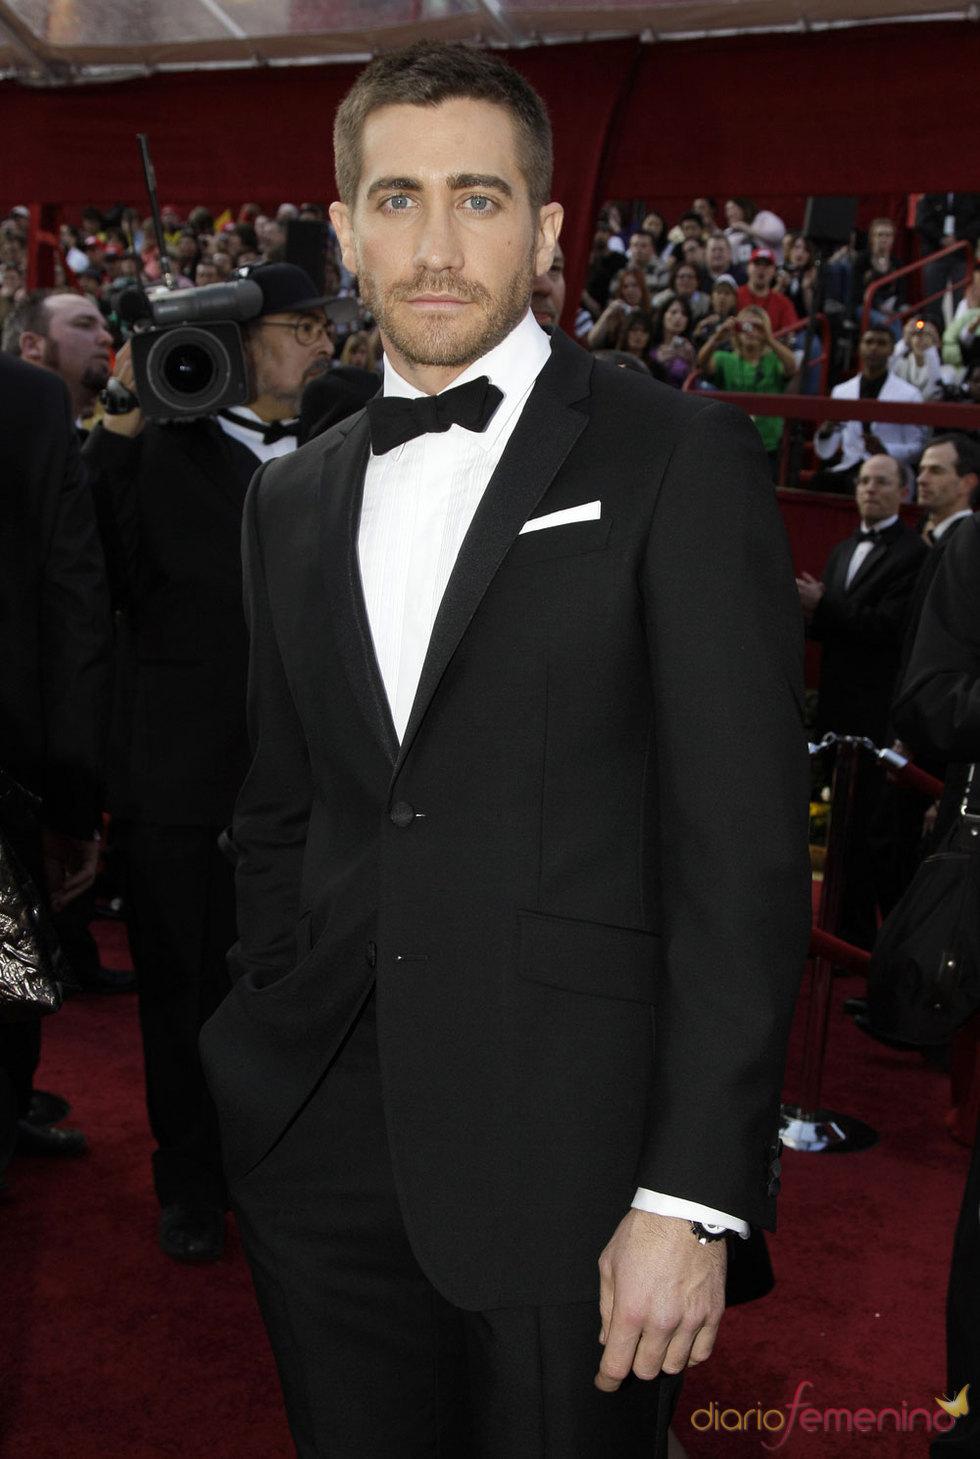 El actor Jake Gyllenhaal en la Alfombra Roja de los Premios oscar 2010